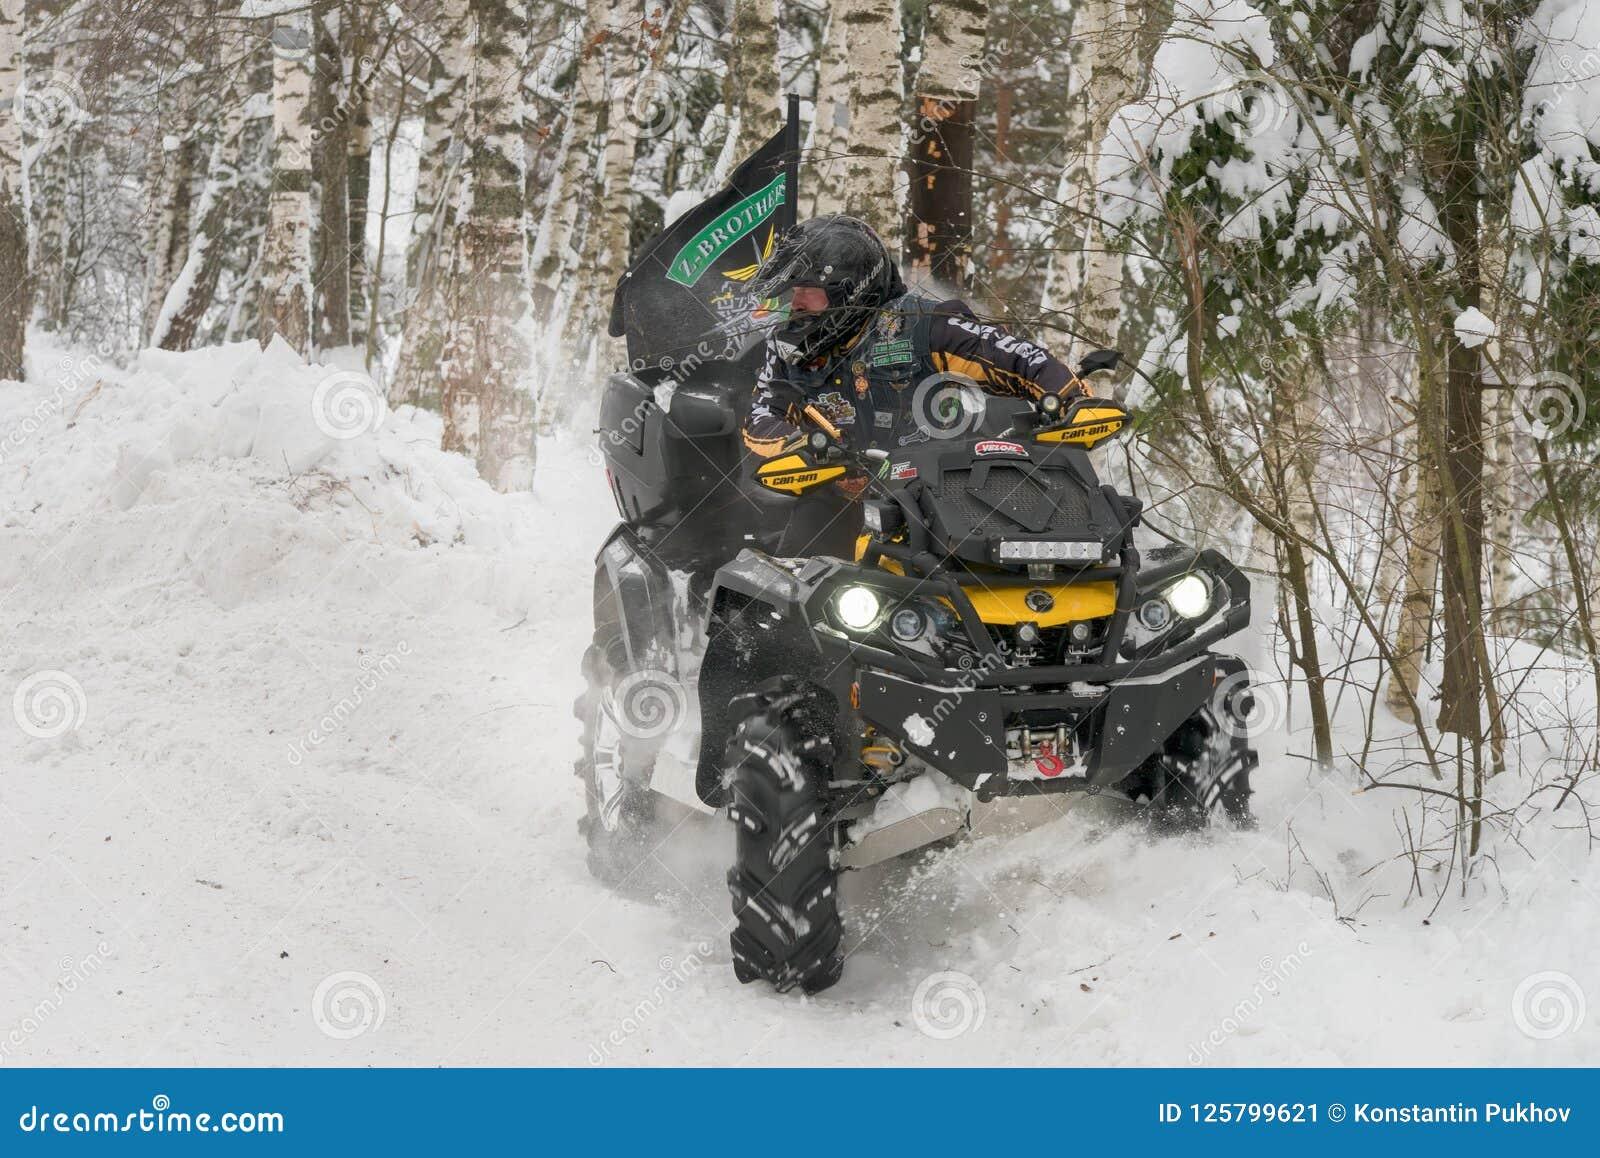 Fuhr in eine tiefe Schneewehe